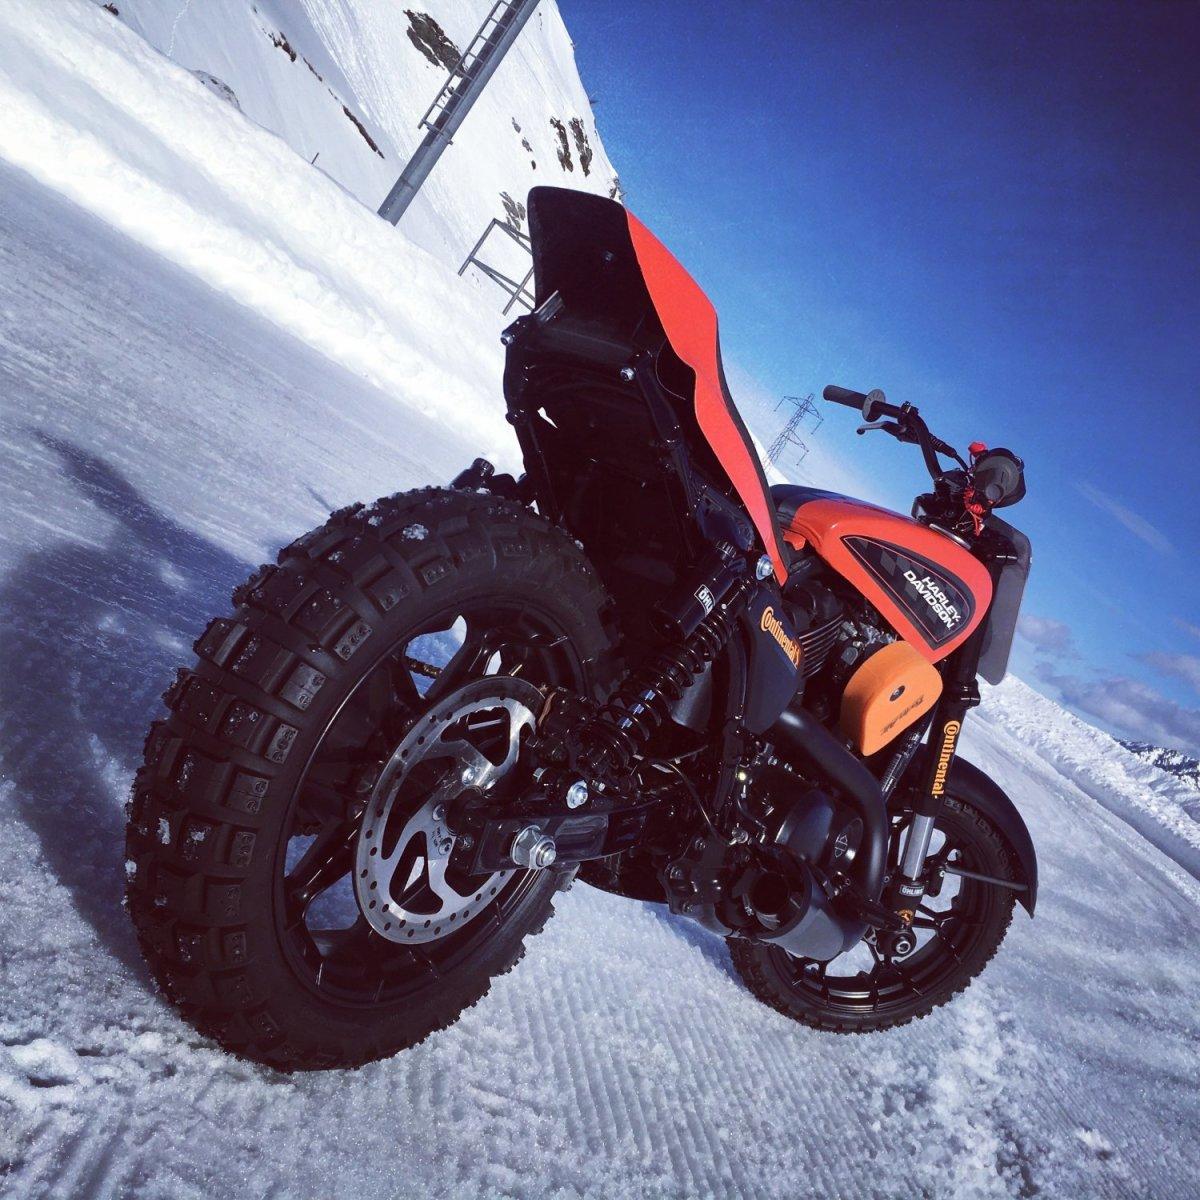 Επέλαση στον πάγο για την Harley-Davidson